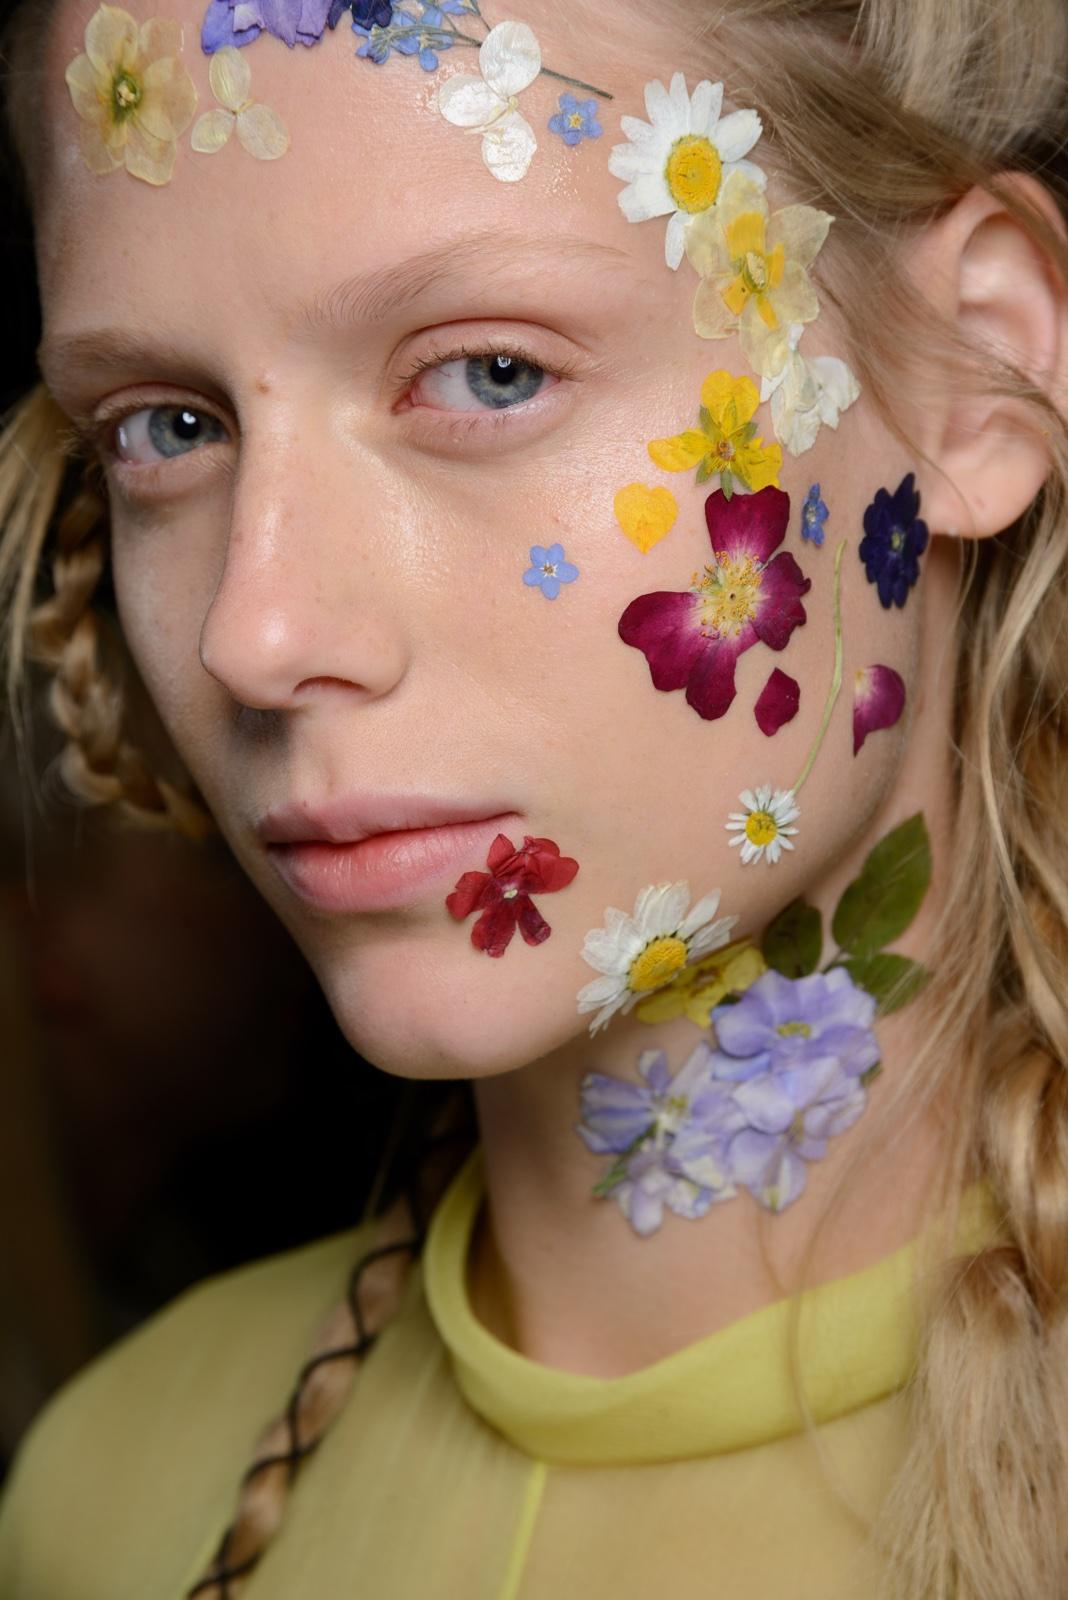 foto: © Luca Cannonieri voor Harpers Bazaar - meisje met bloemen op gezicht geschilderd